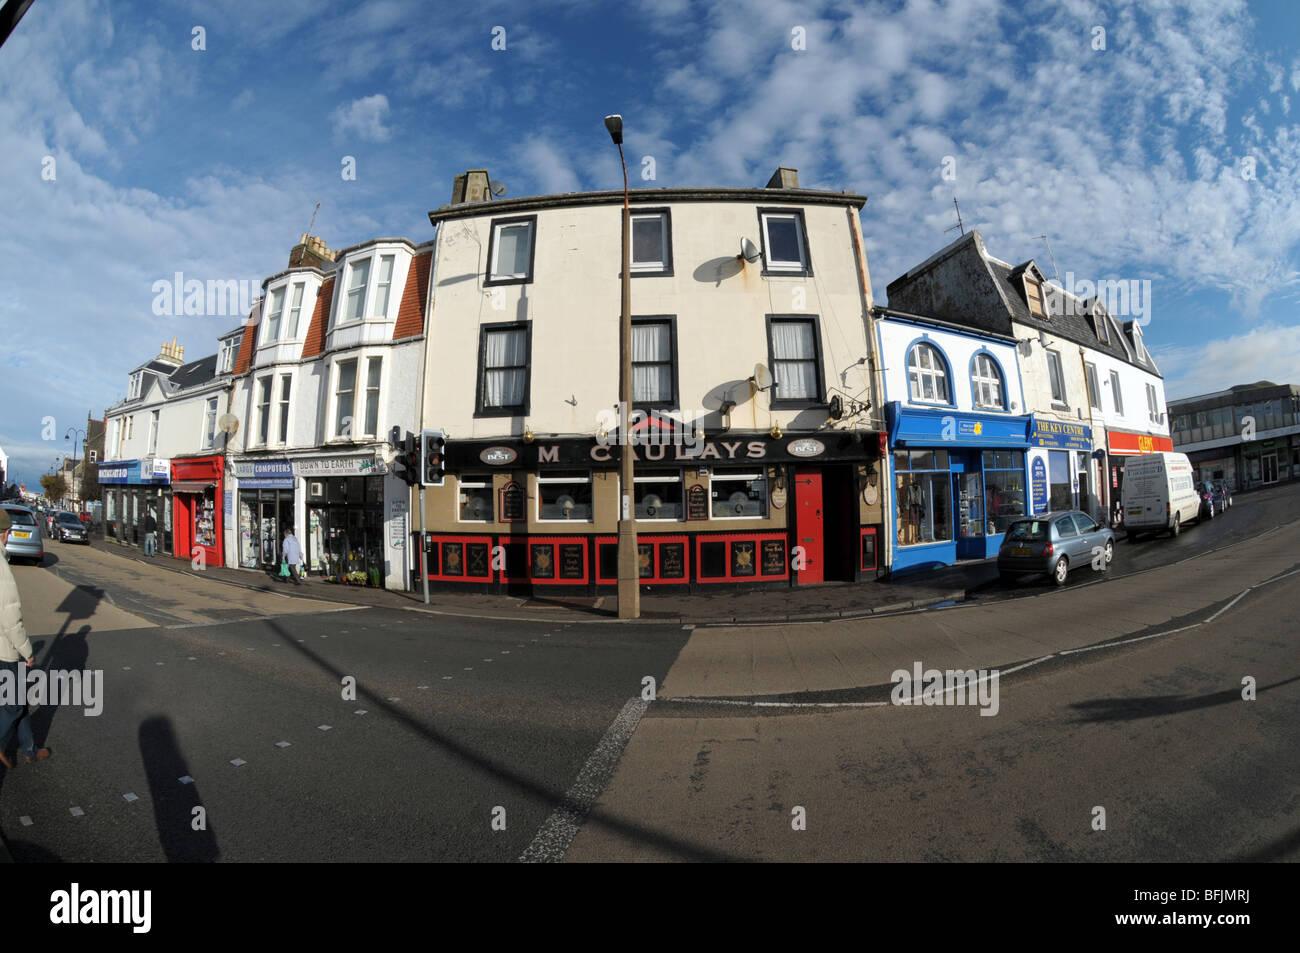 Un pub et boutiques dans la ville balnéaire de Largs en Ecosse. Photo Stock